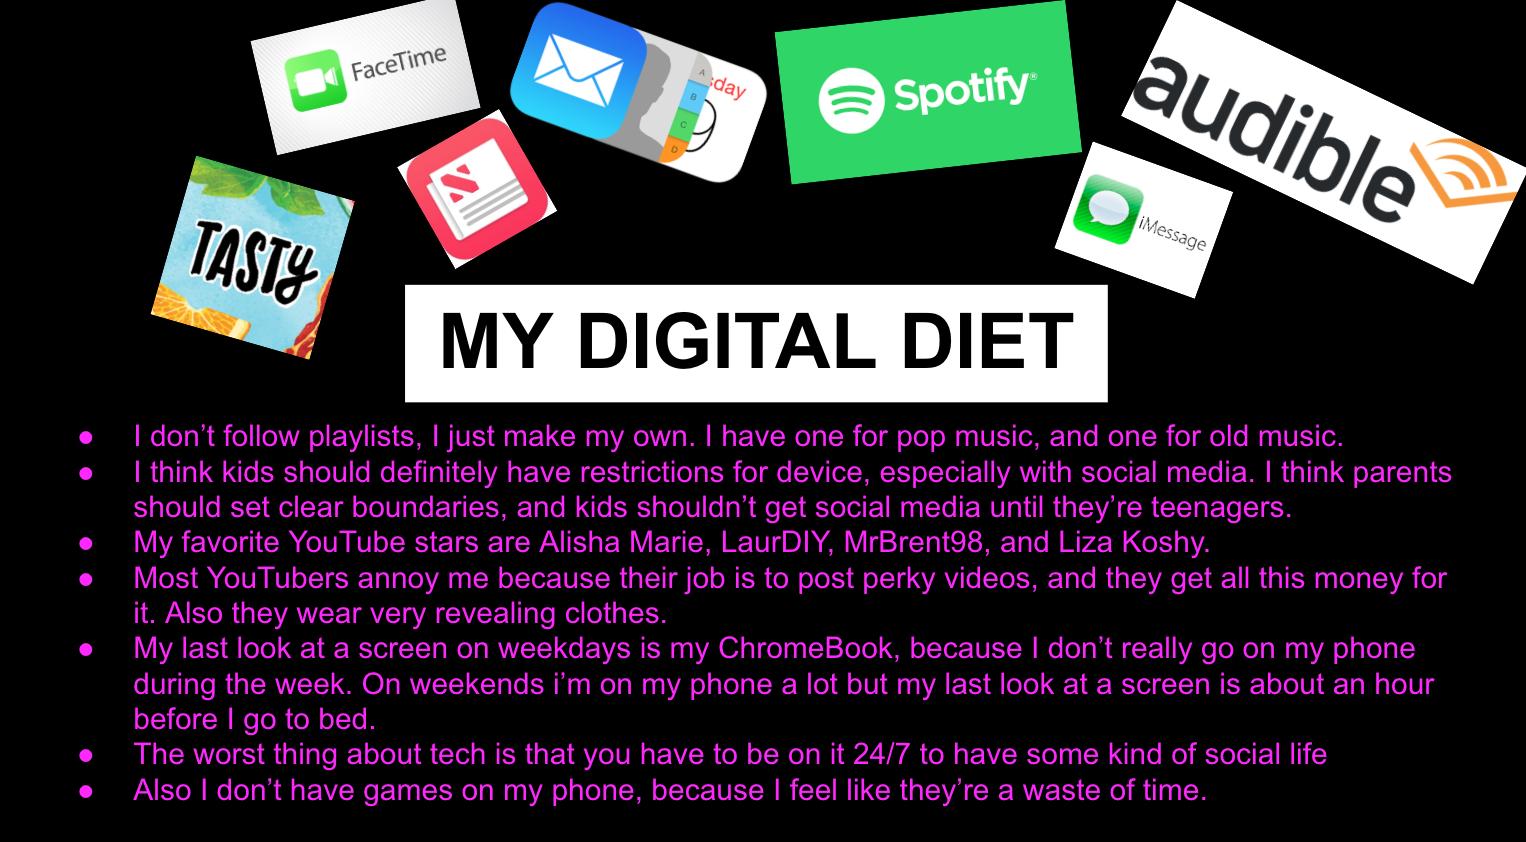 My Digital Diet 8